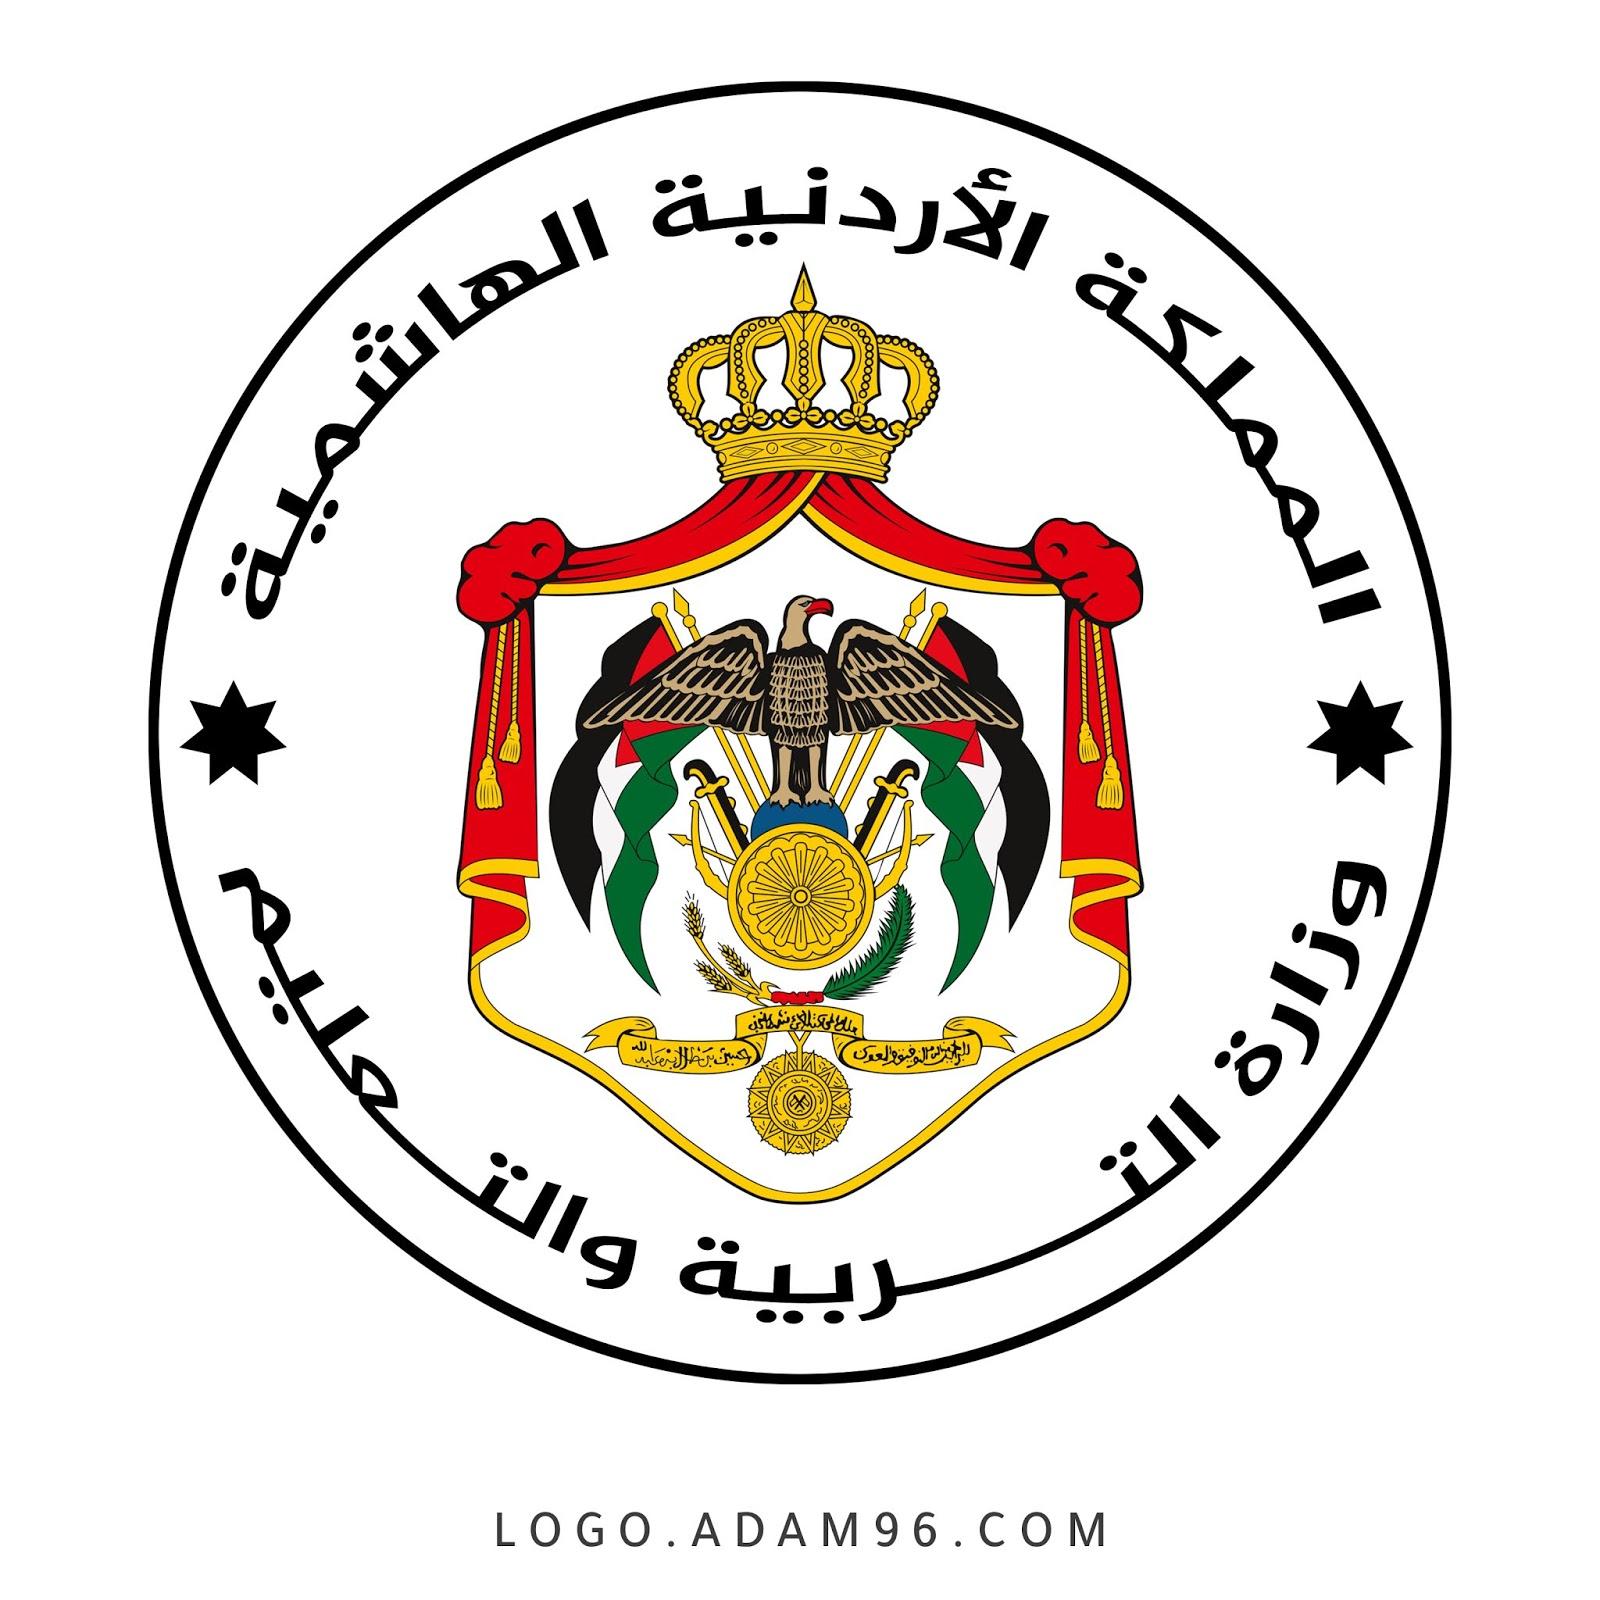 شعار وزارة التربية والتعليم المملكة الأردنية الهاشمية بجودة